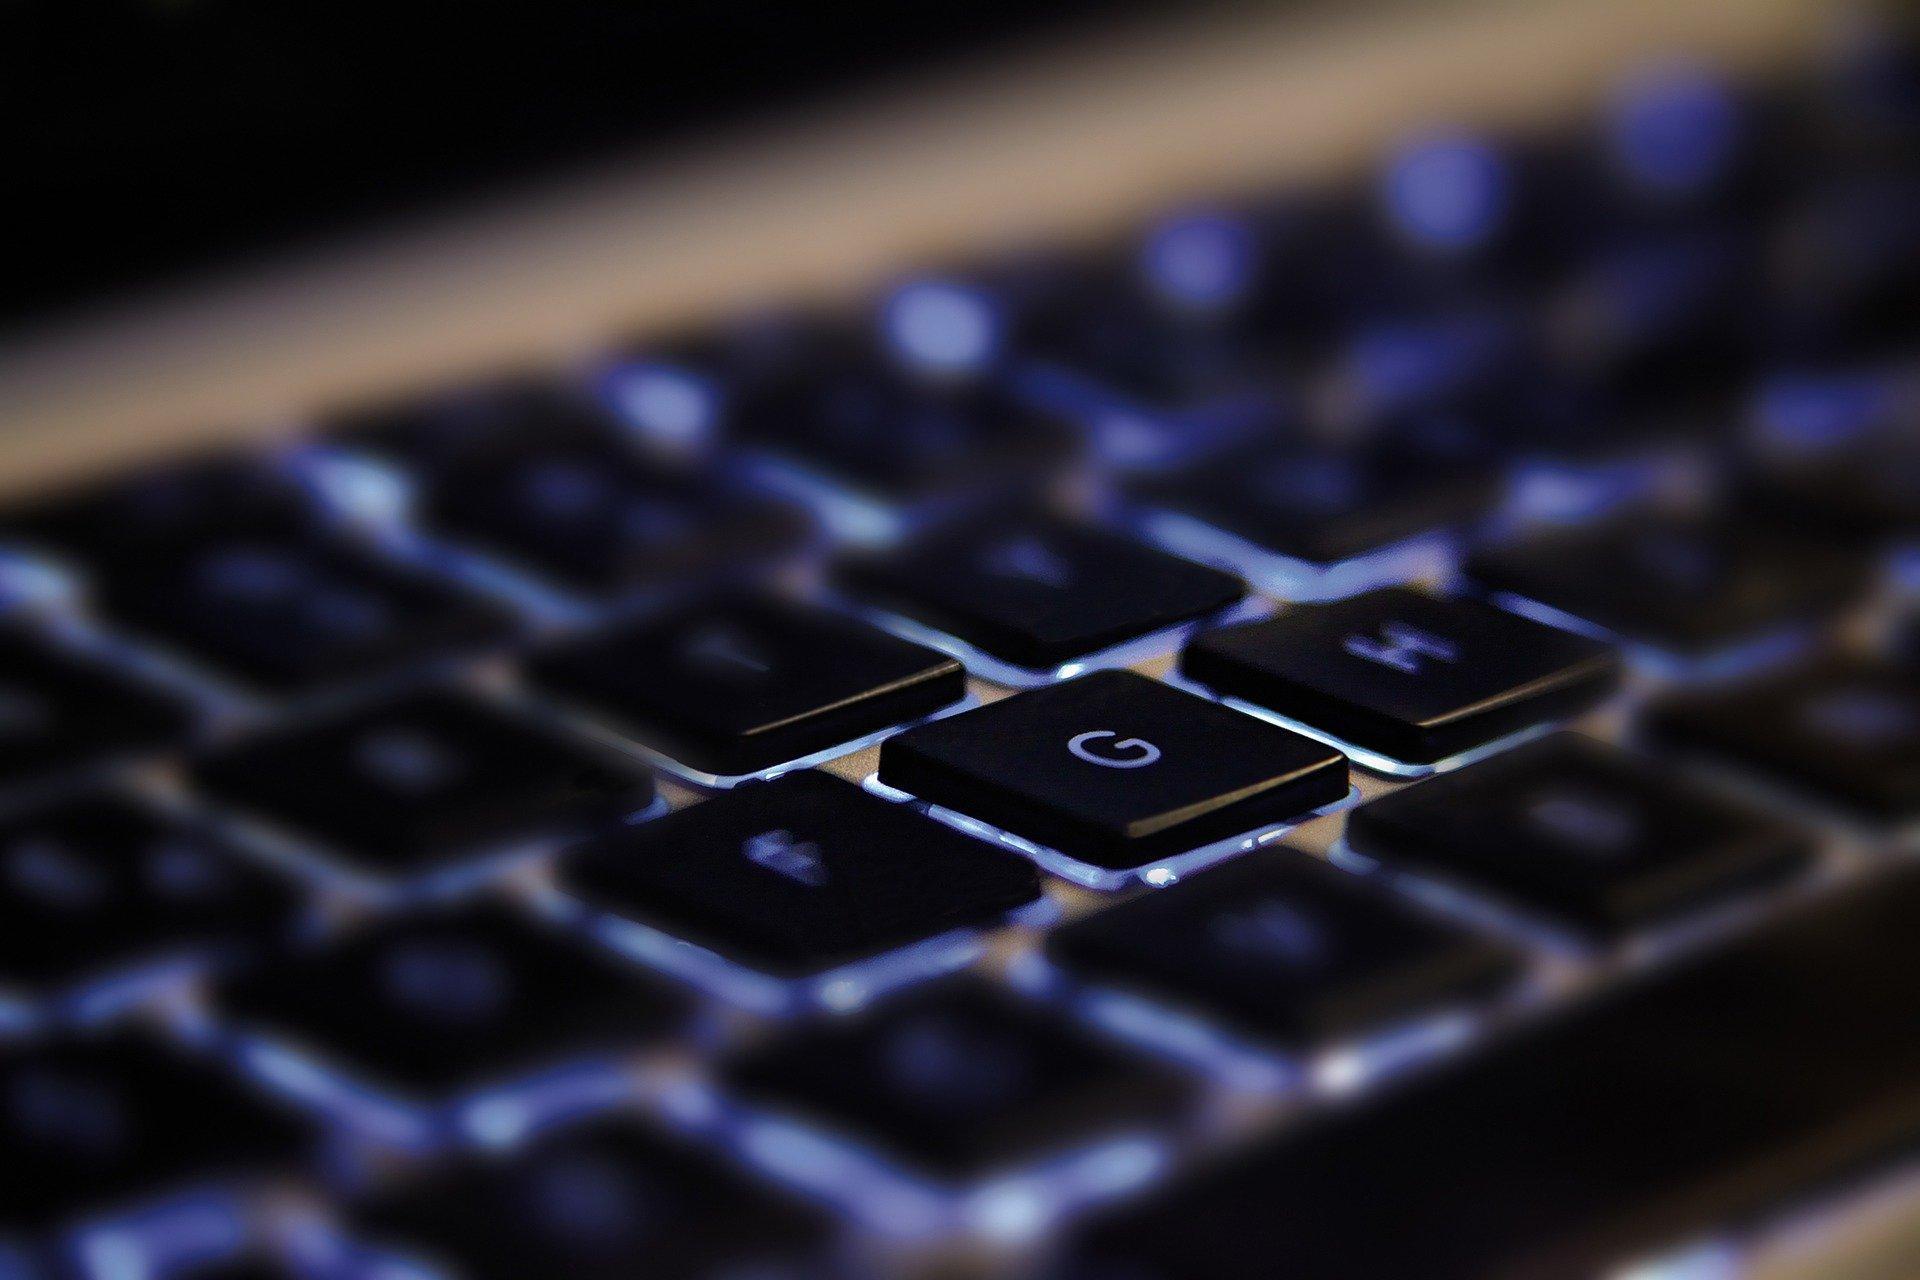 Condenado a más de 10 años de prisión un hombre que creó un perfil falso en redes sociales para publicar pornografía